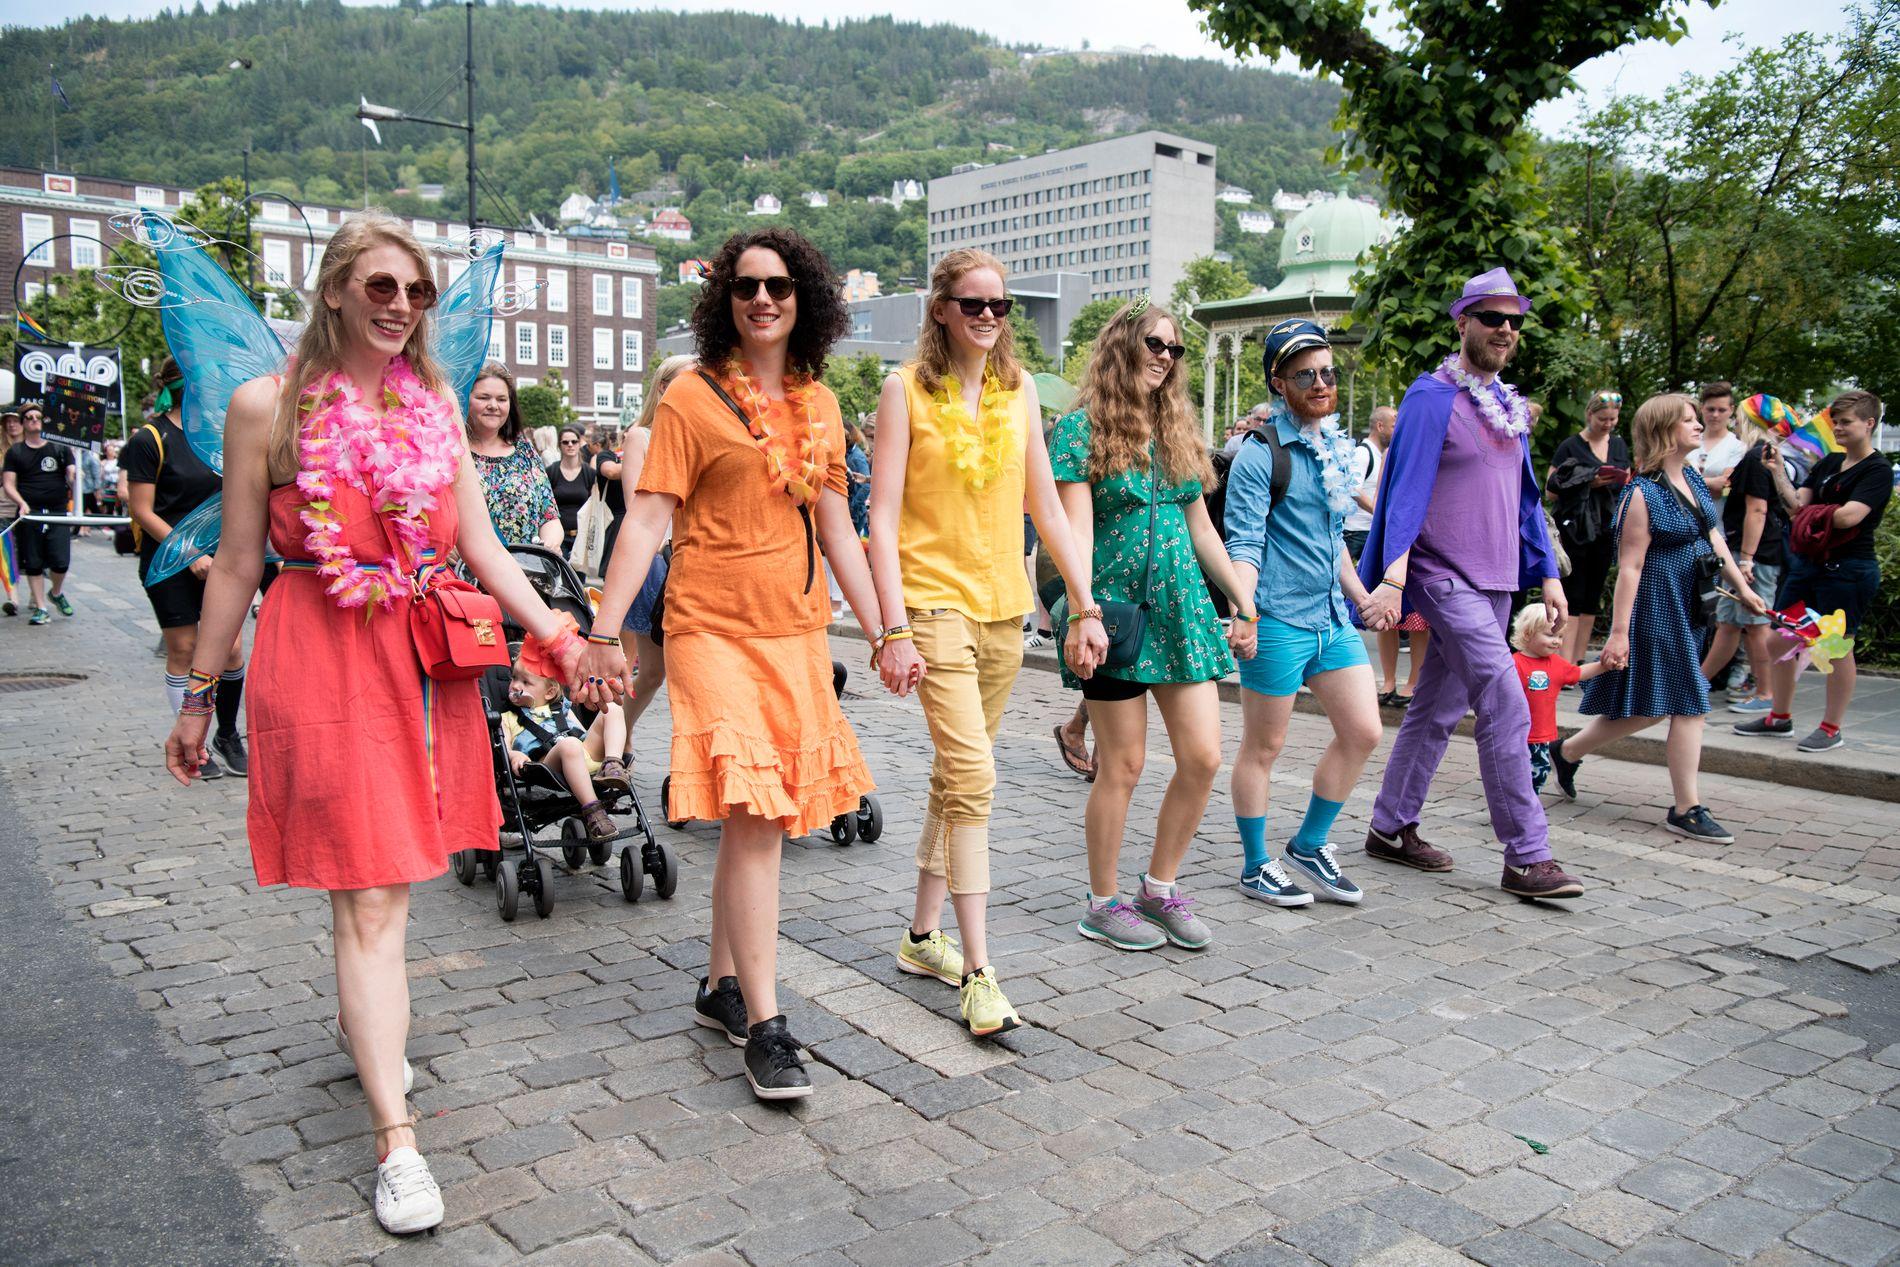 IKKJE PÅ JOBB: Kvart år blir gatene i Bergen fylt av folk som feirar Regnbuedagene. Men dei viktigaste tiltaka må kome der folk er i kvardagen.